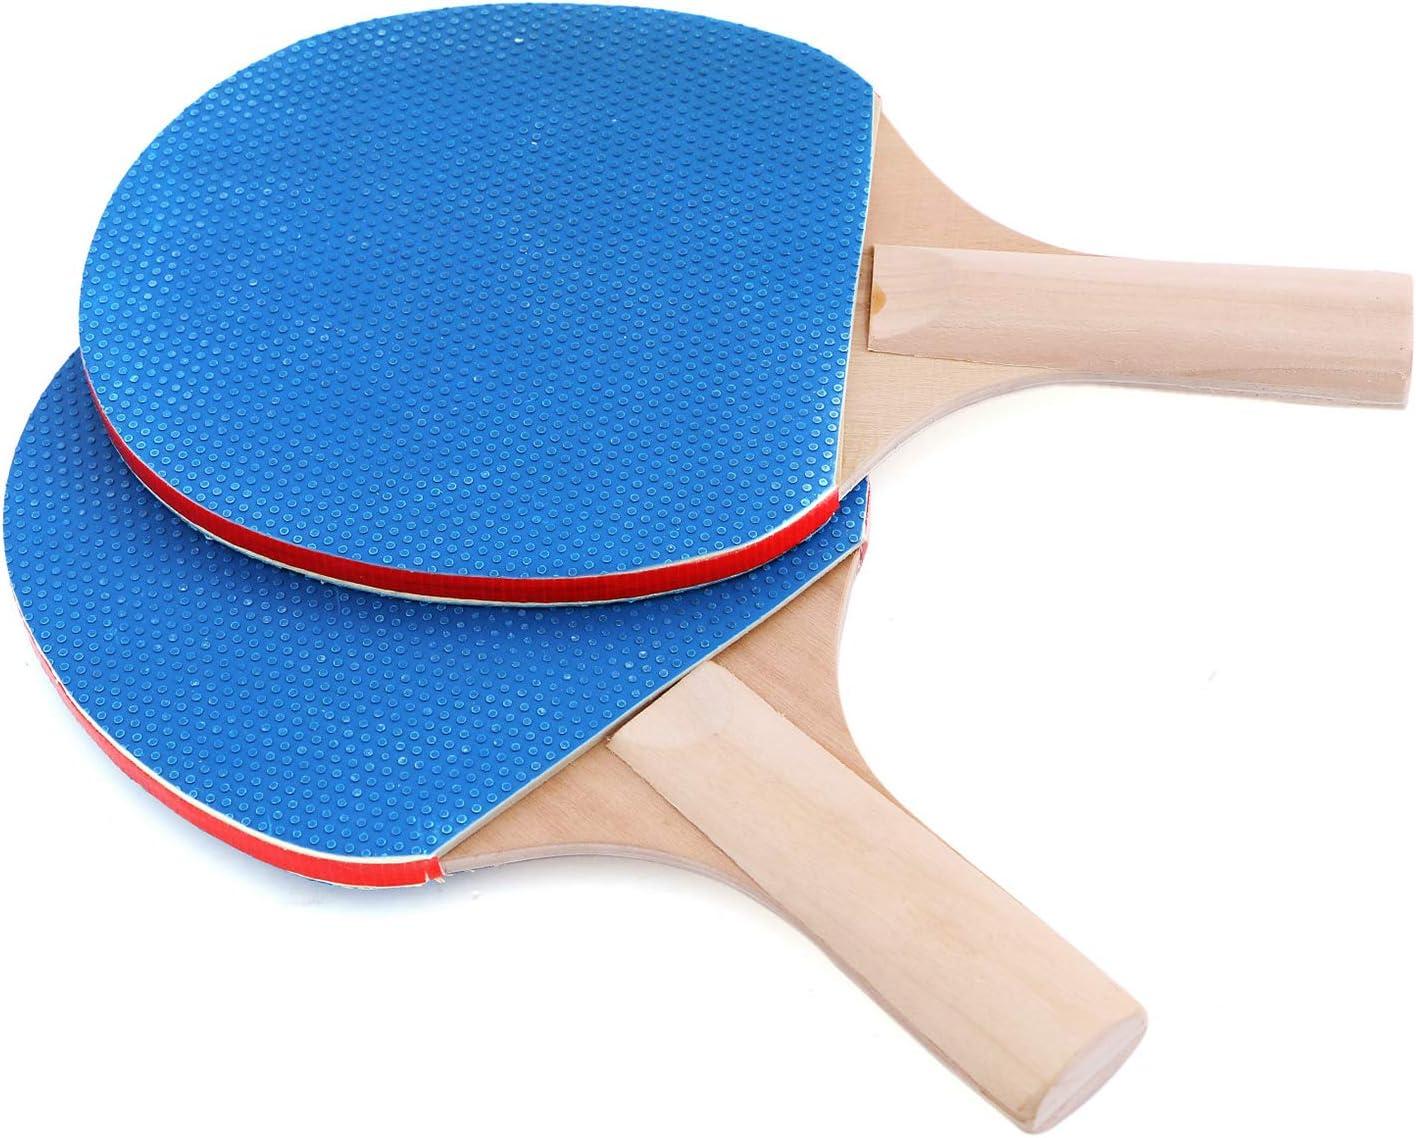 2 Schl/ägern Shujin Tischtennis-Set Familien Tischtennisschl/äger Set mit einziehbares Tischtennis-Netz 3 B/ällen und Tragetasche Kinder Erwachsene im Innen- und Au/ßenbereich f/ür Anf/änger